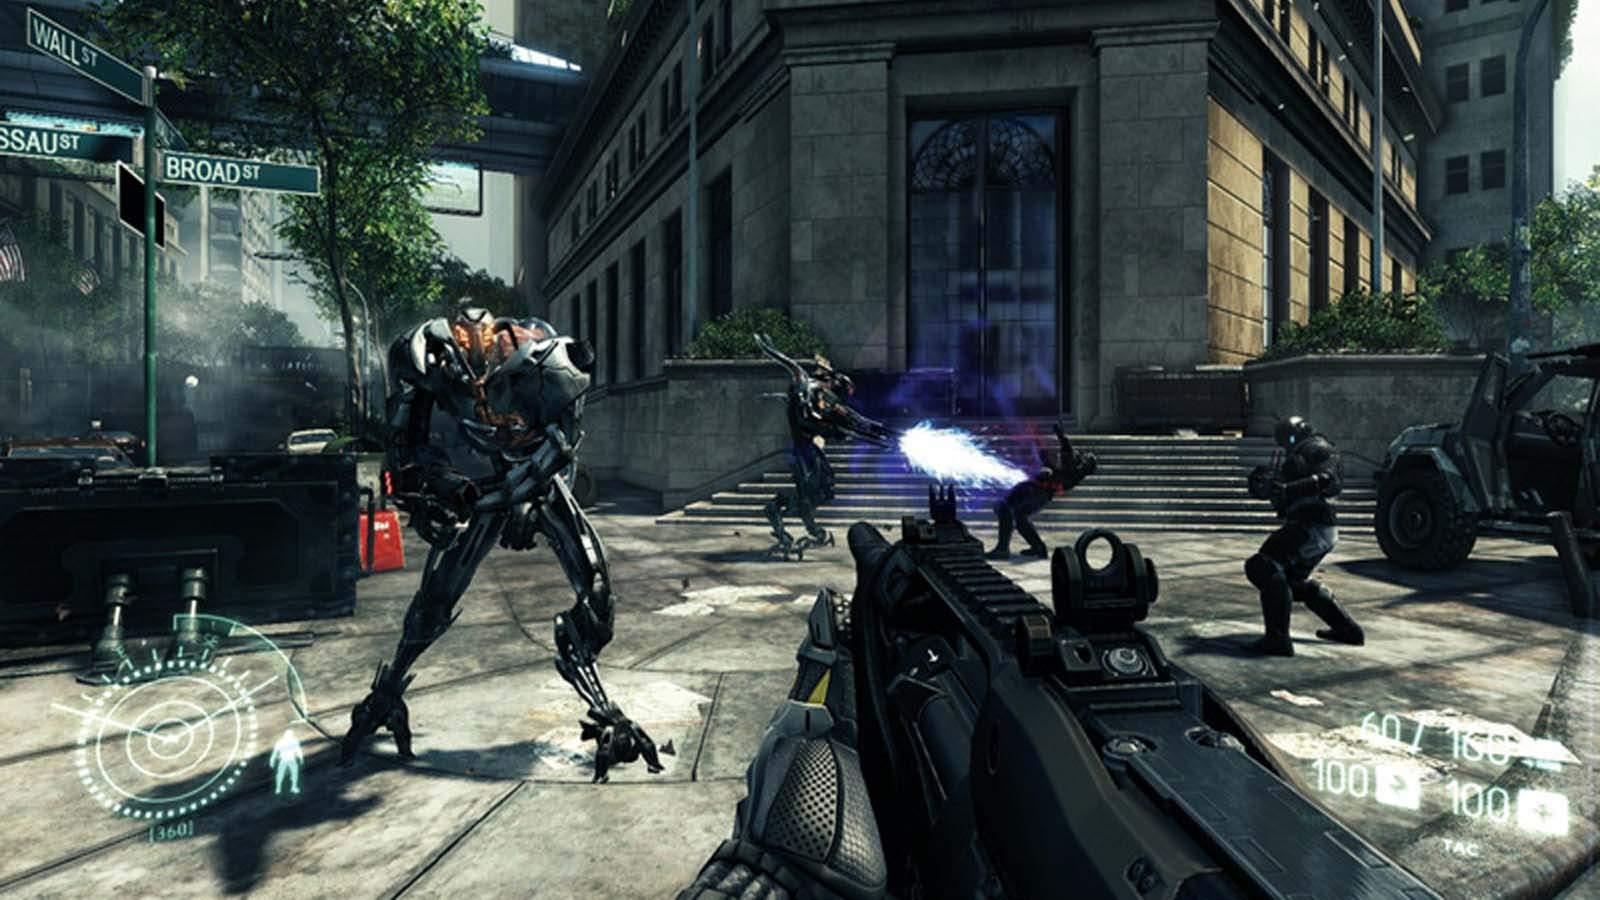 تحميل لعبة Crysis 2 مضغوطة كاملة بروابط مباشرة مجانا